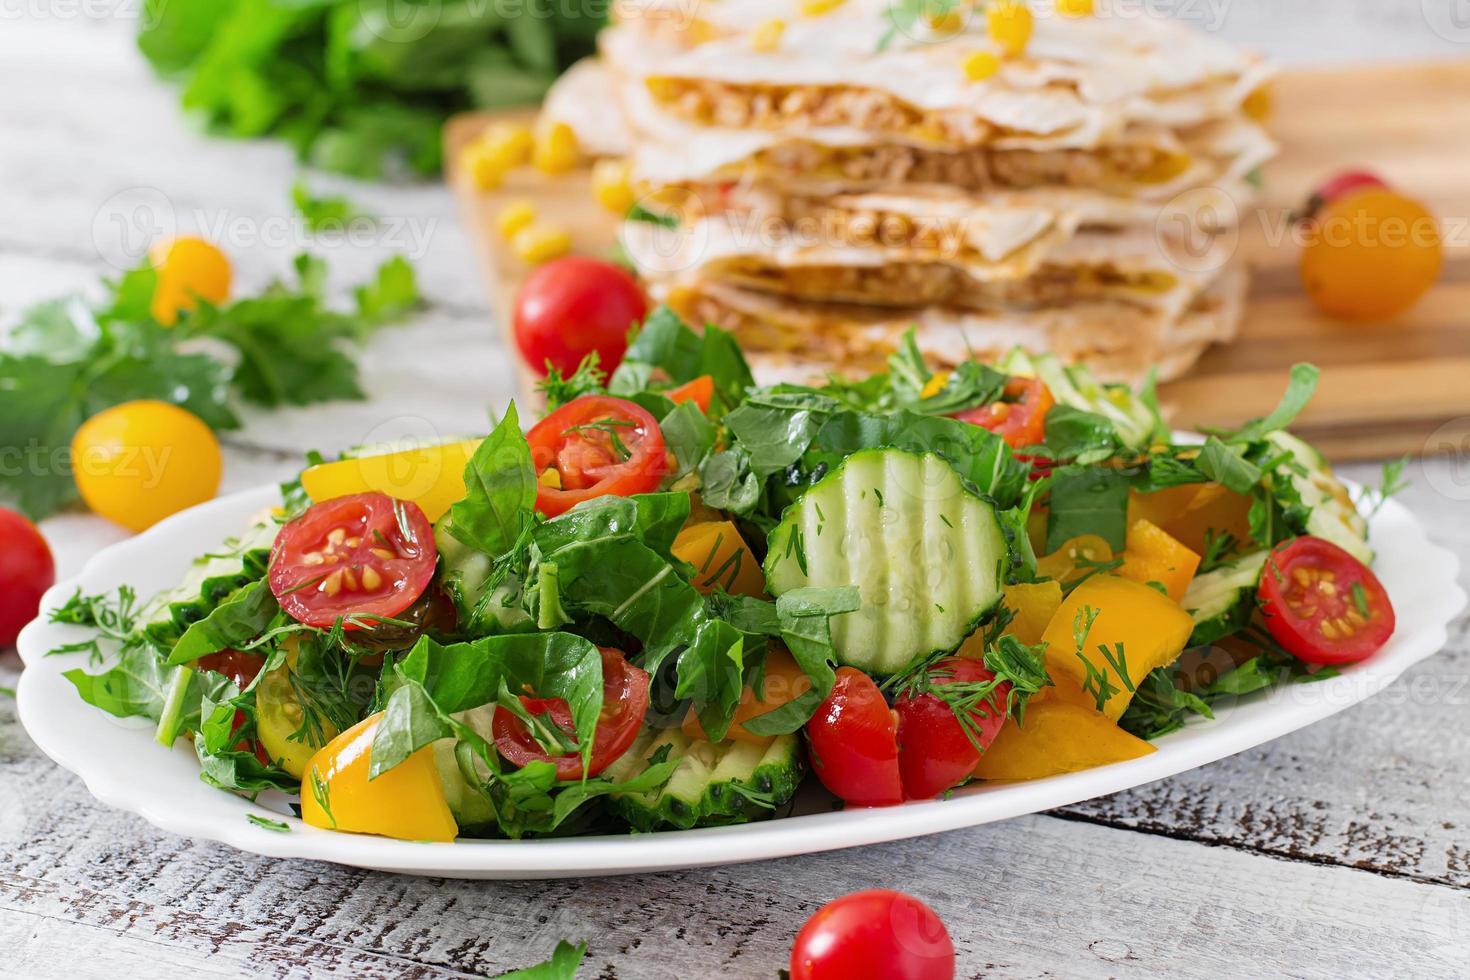 frischer Salat aus Tomaten, Gurken, Paprika, Rucola und Dill foto